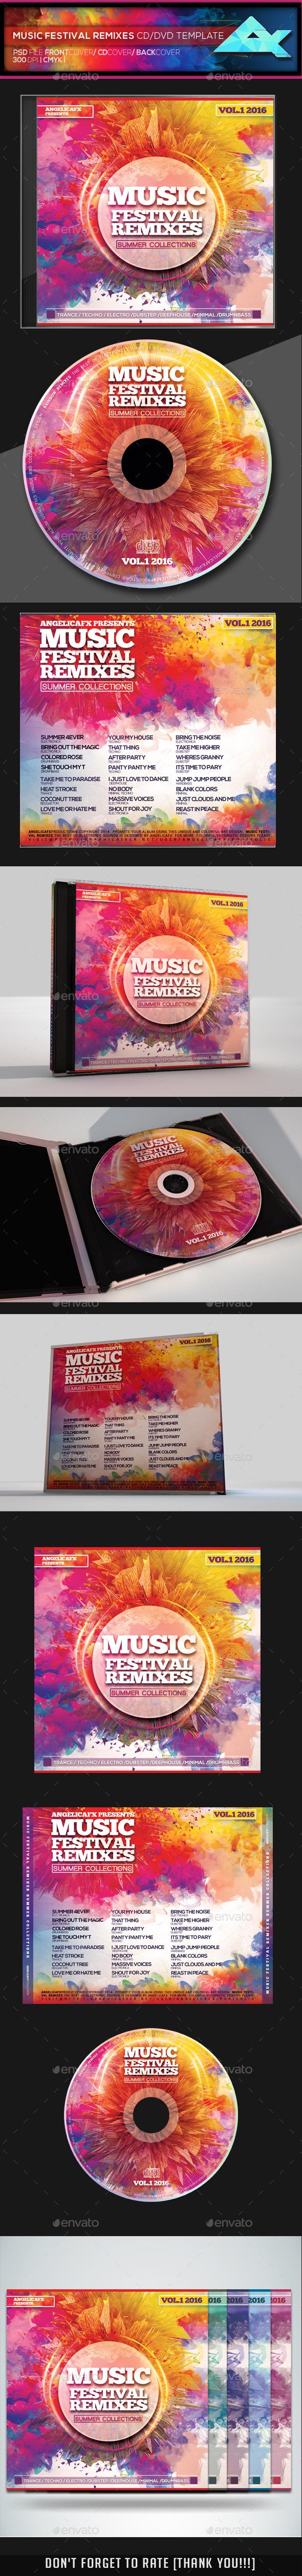 Music Festival Remixes CD Design Template